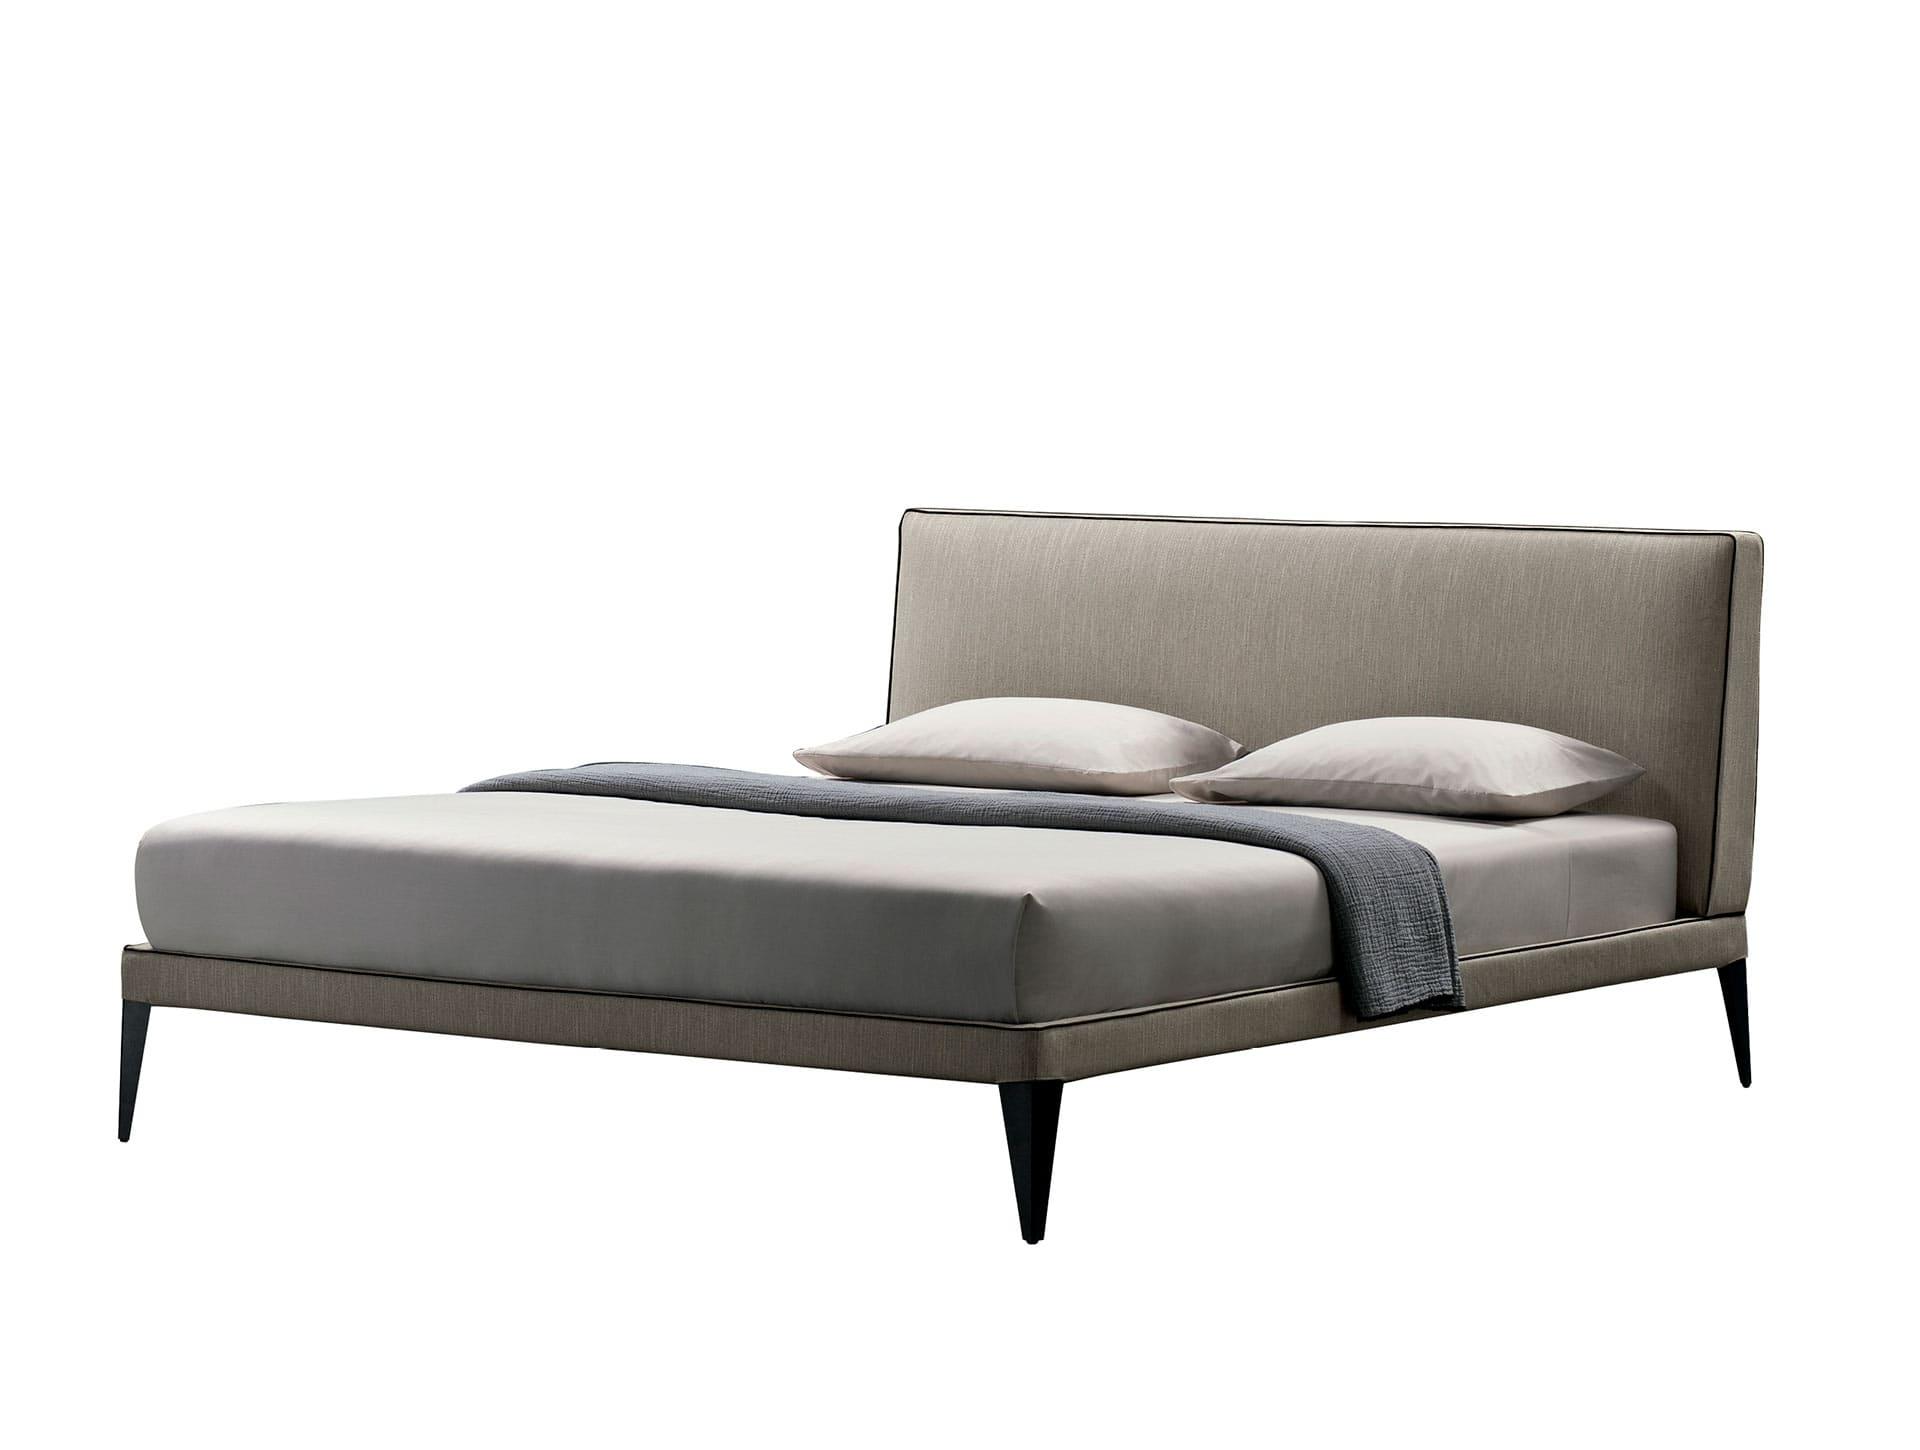 Bodema (RU) Кровать Megan от итальянского производителя Bodema